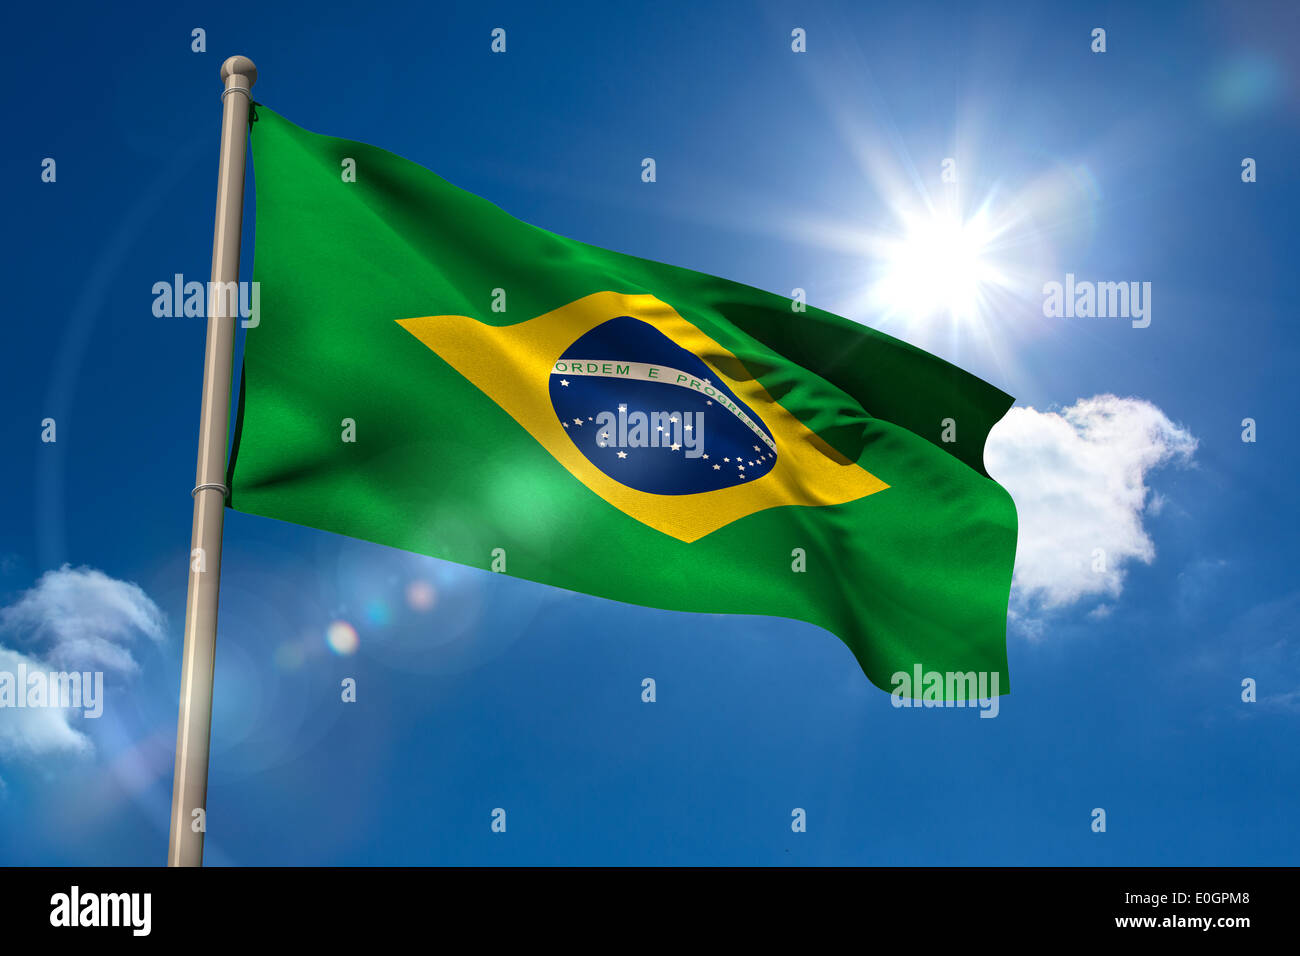 Brazil national flag on flagpole - Stock Image